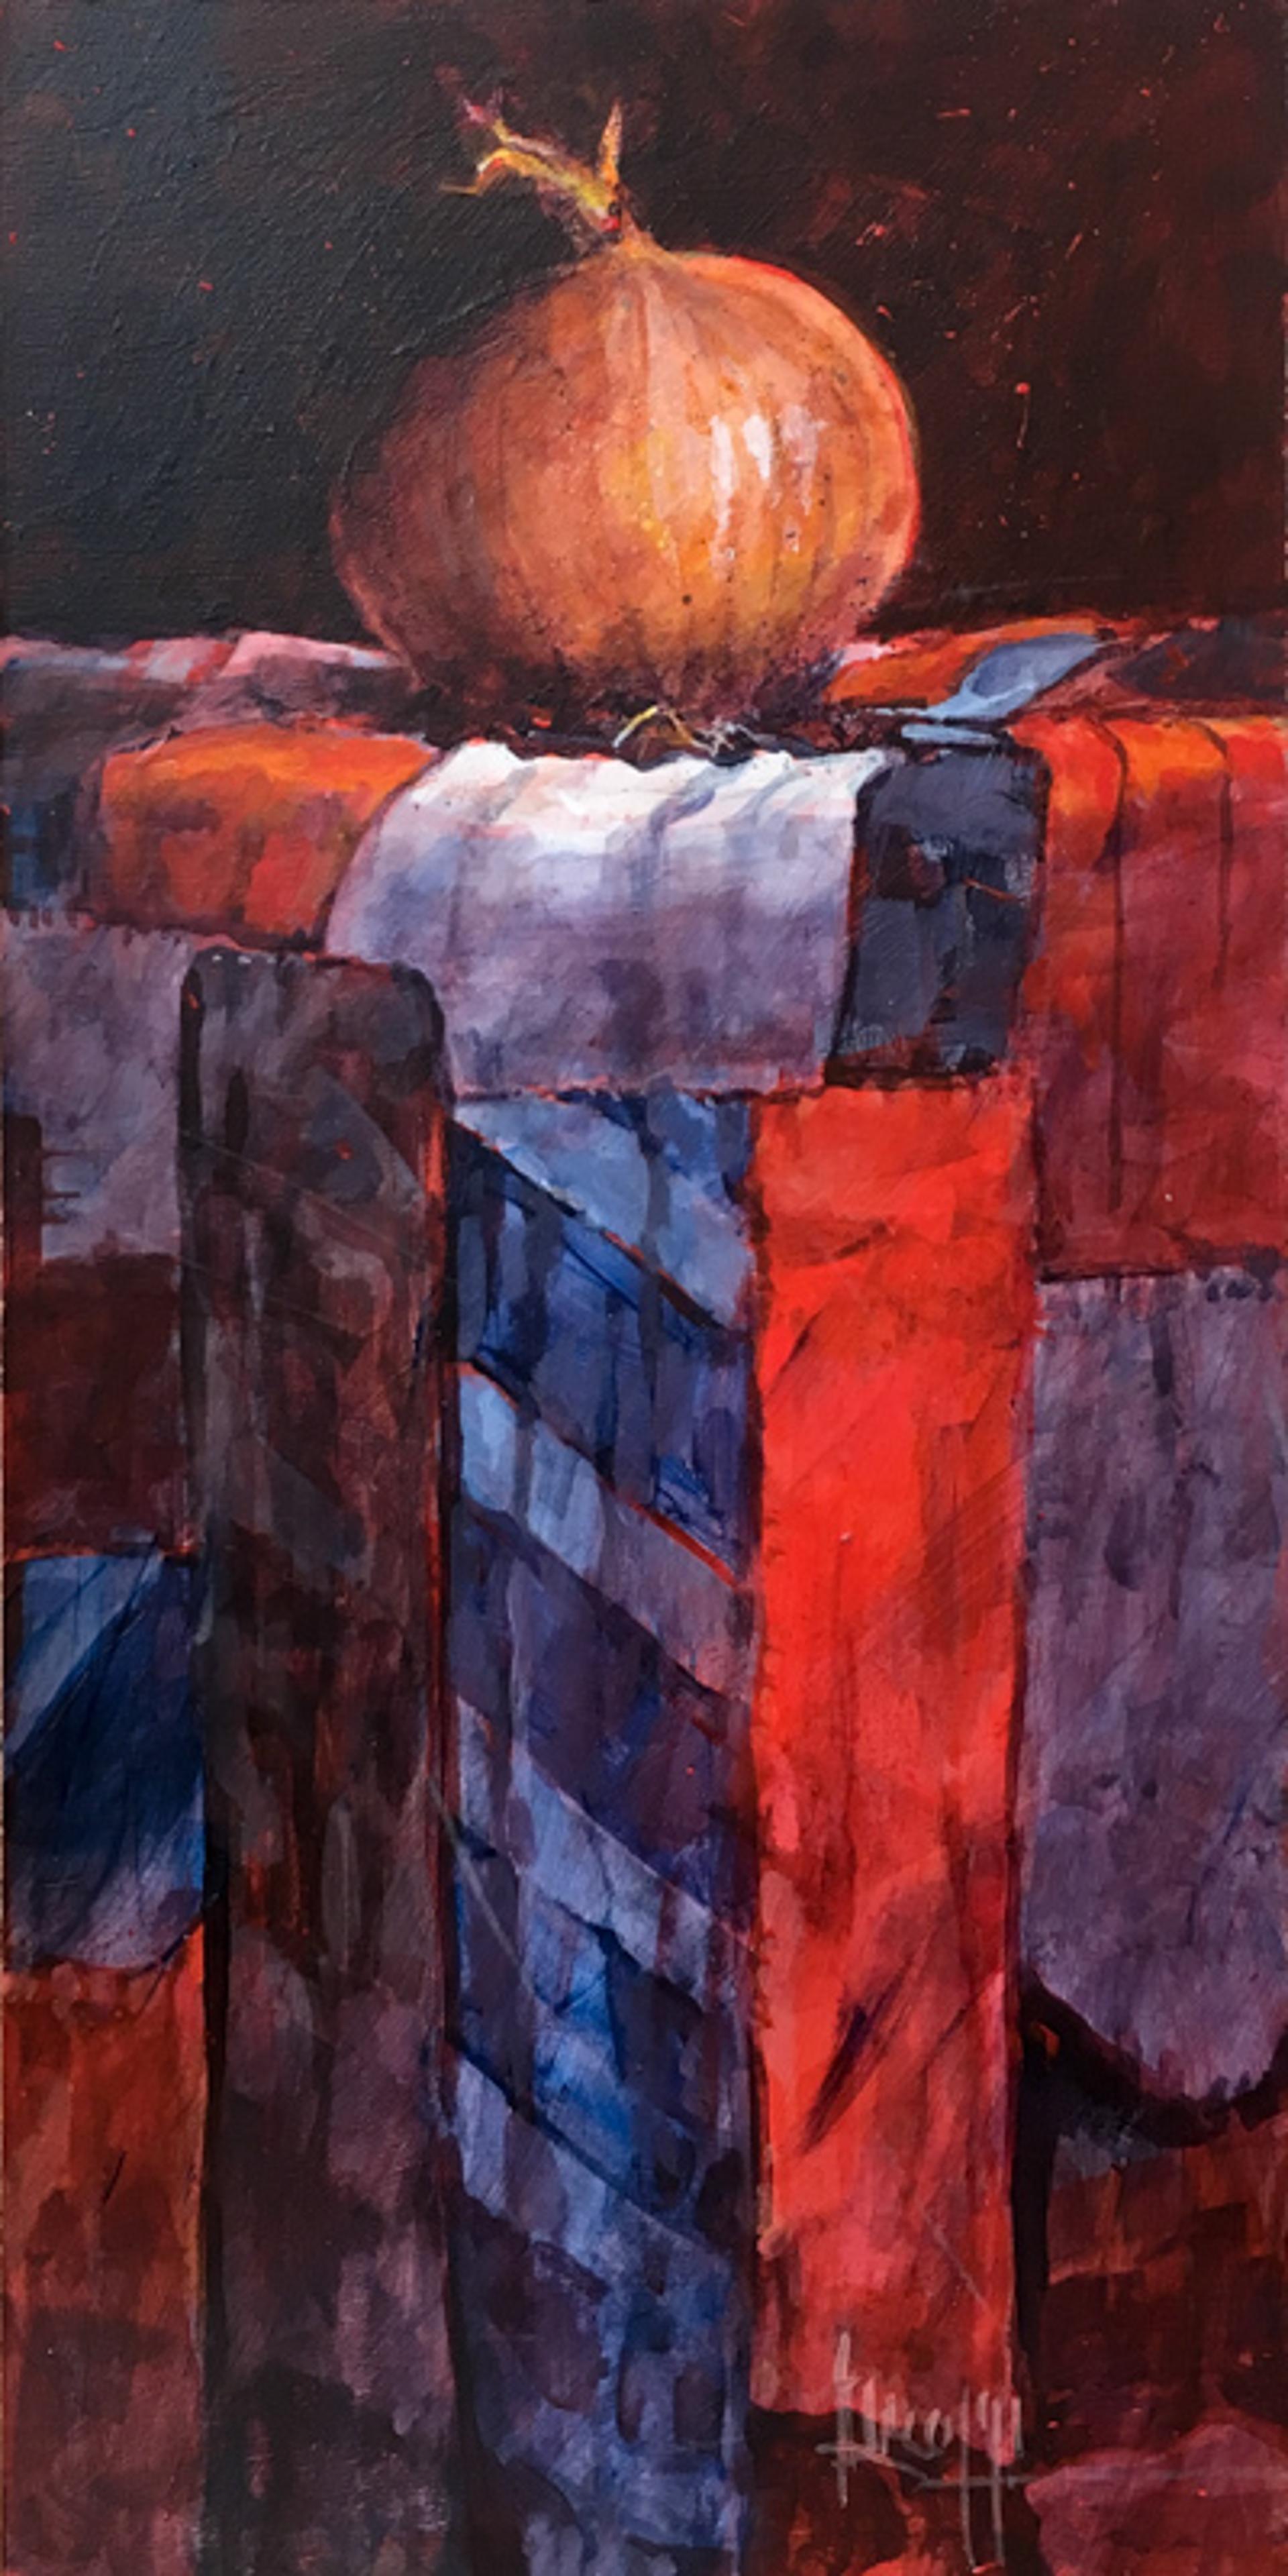 Vidalia by Judy Greff